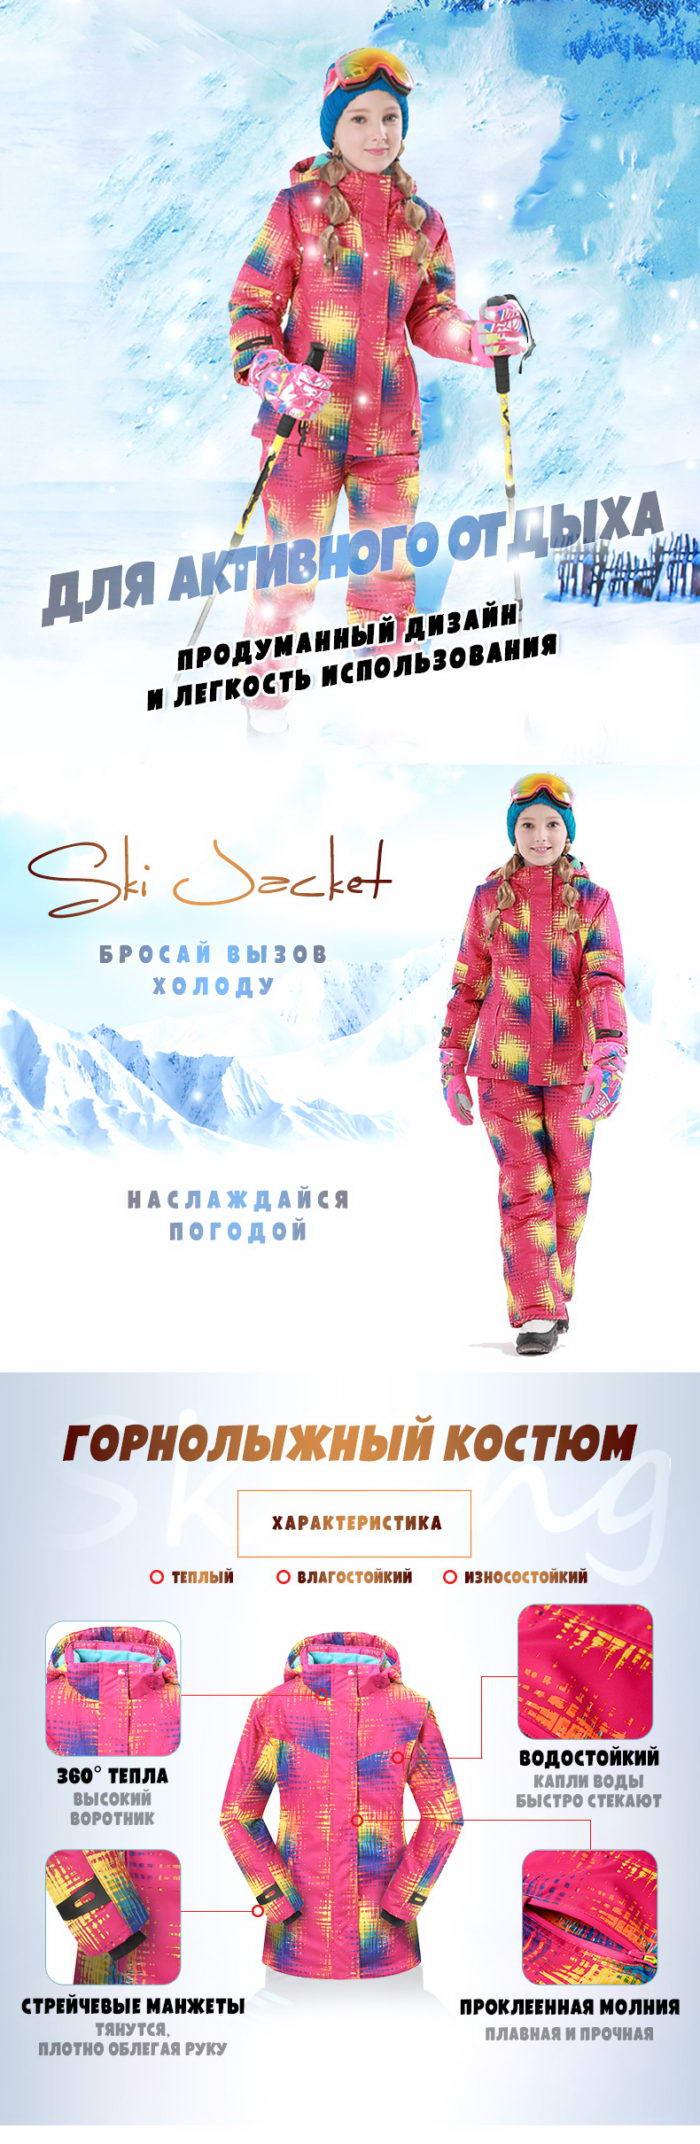 Купить горнолыжные костюмы Уфа